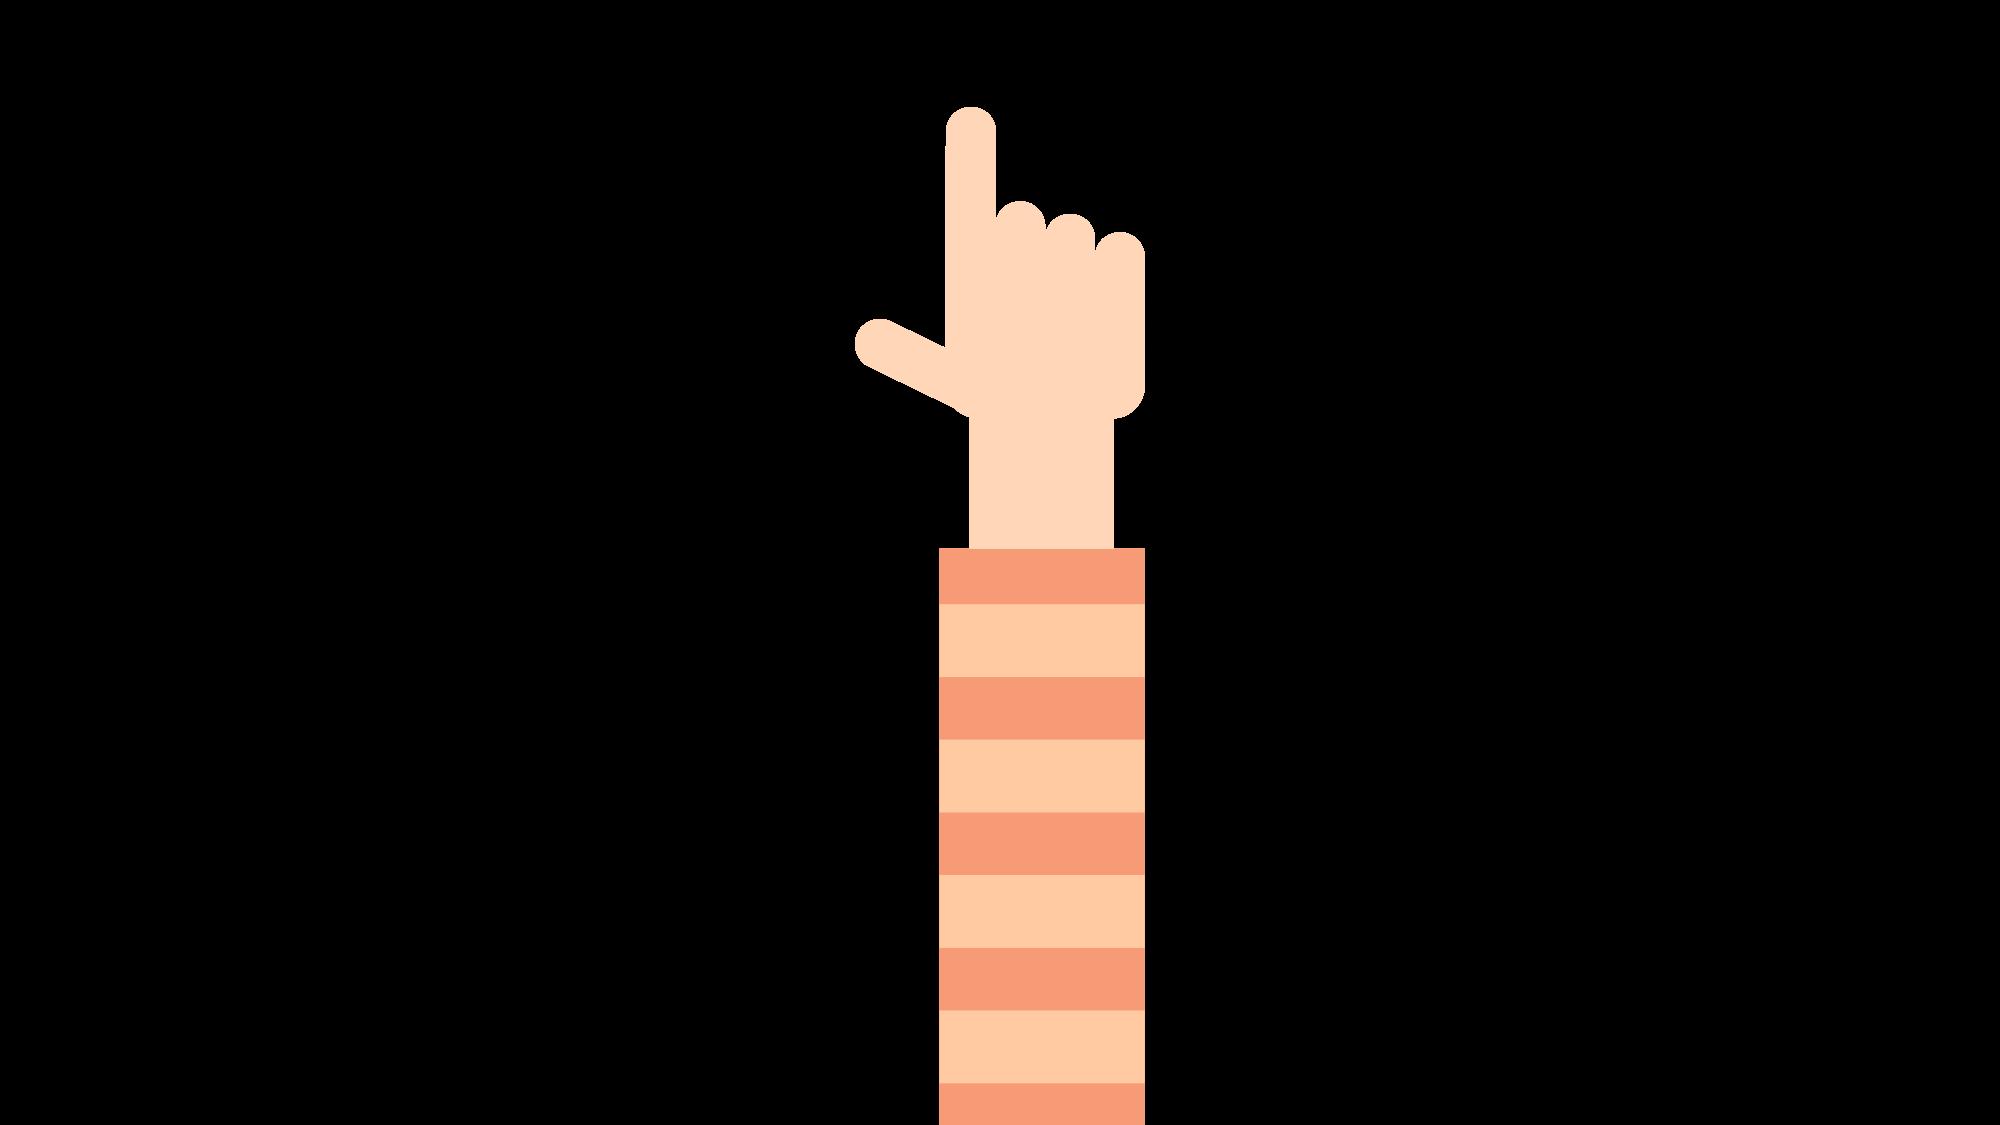 2000x1125 Filehand Gesture